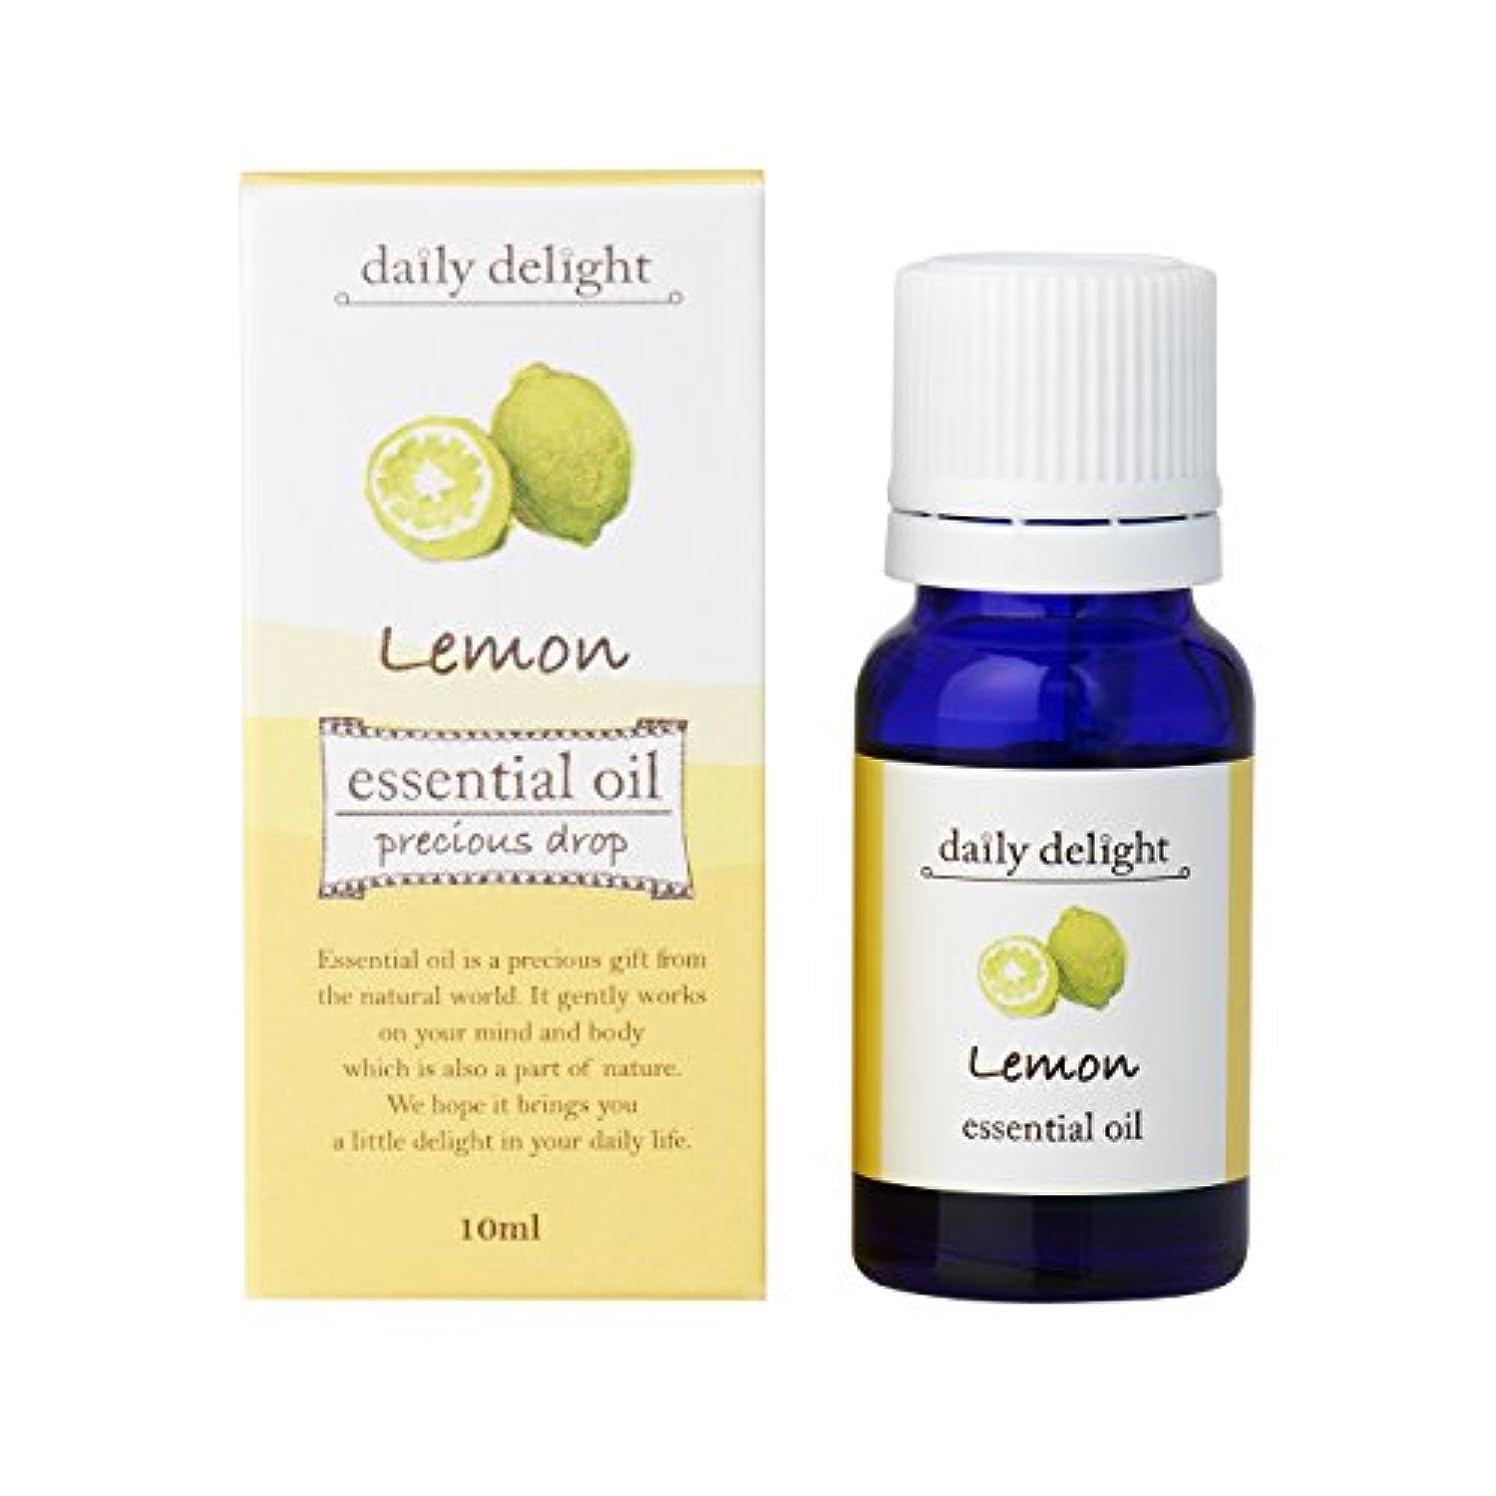 かわいらしい雇用有効なデイリーディライト エッセンシャルオイル  レモン 10ml(天然100% 精油 アロマ 柑橘系 さっぱりして気分転換におすすめの香り)